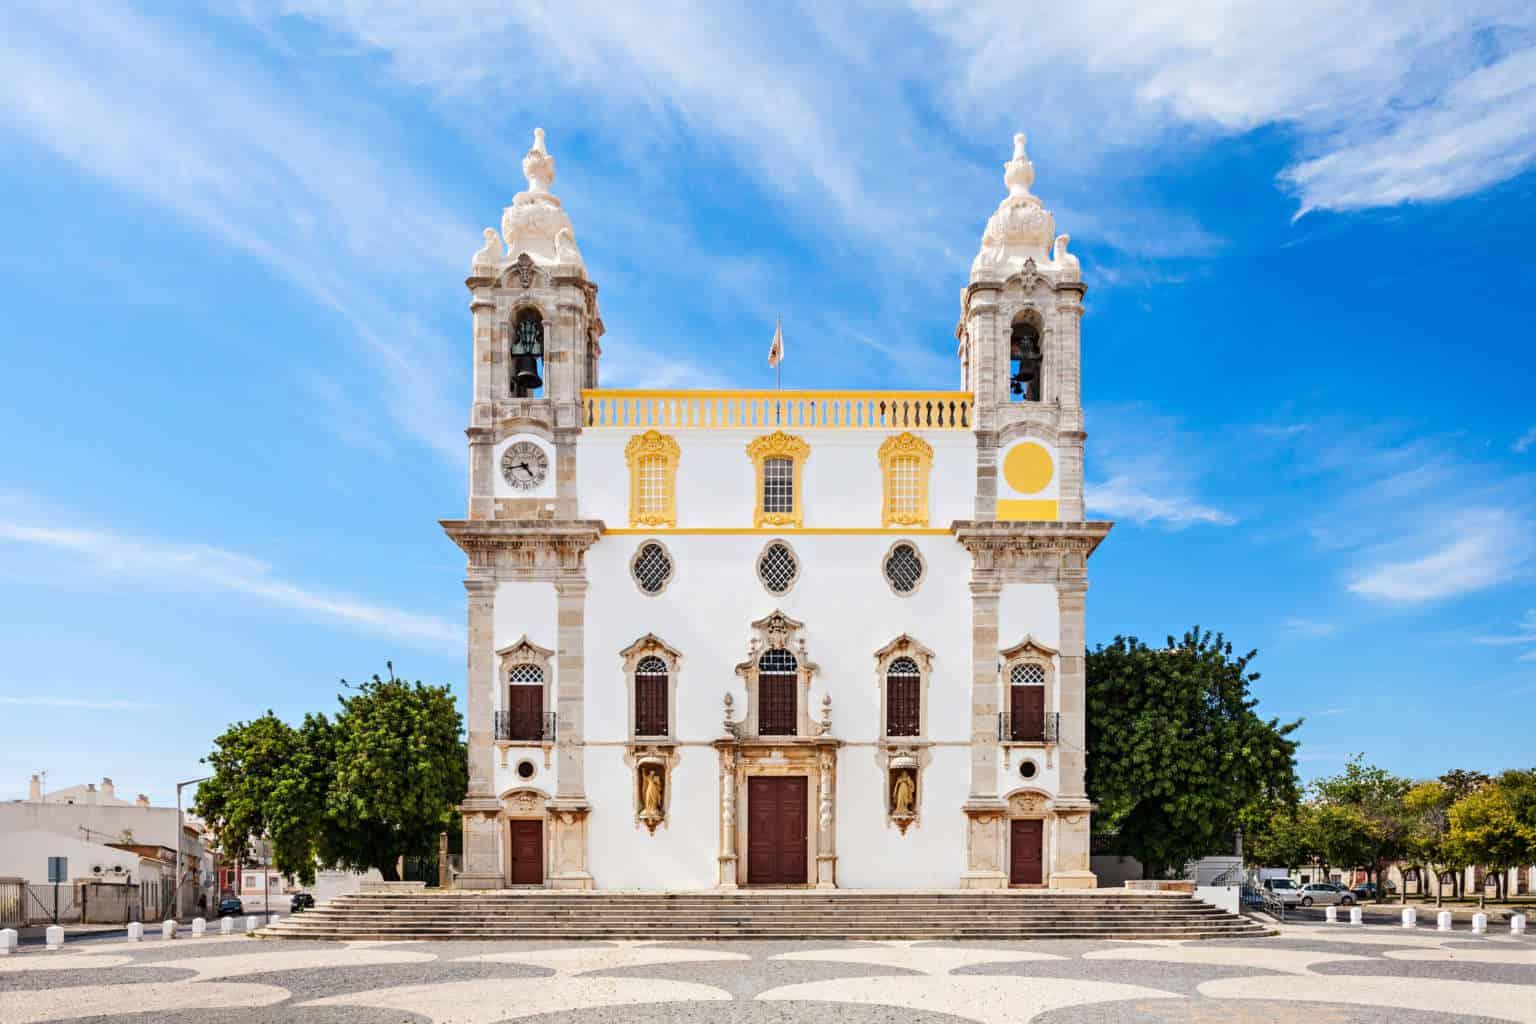 Igreja do Carmo i kaplica kości w Faro